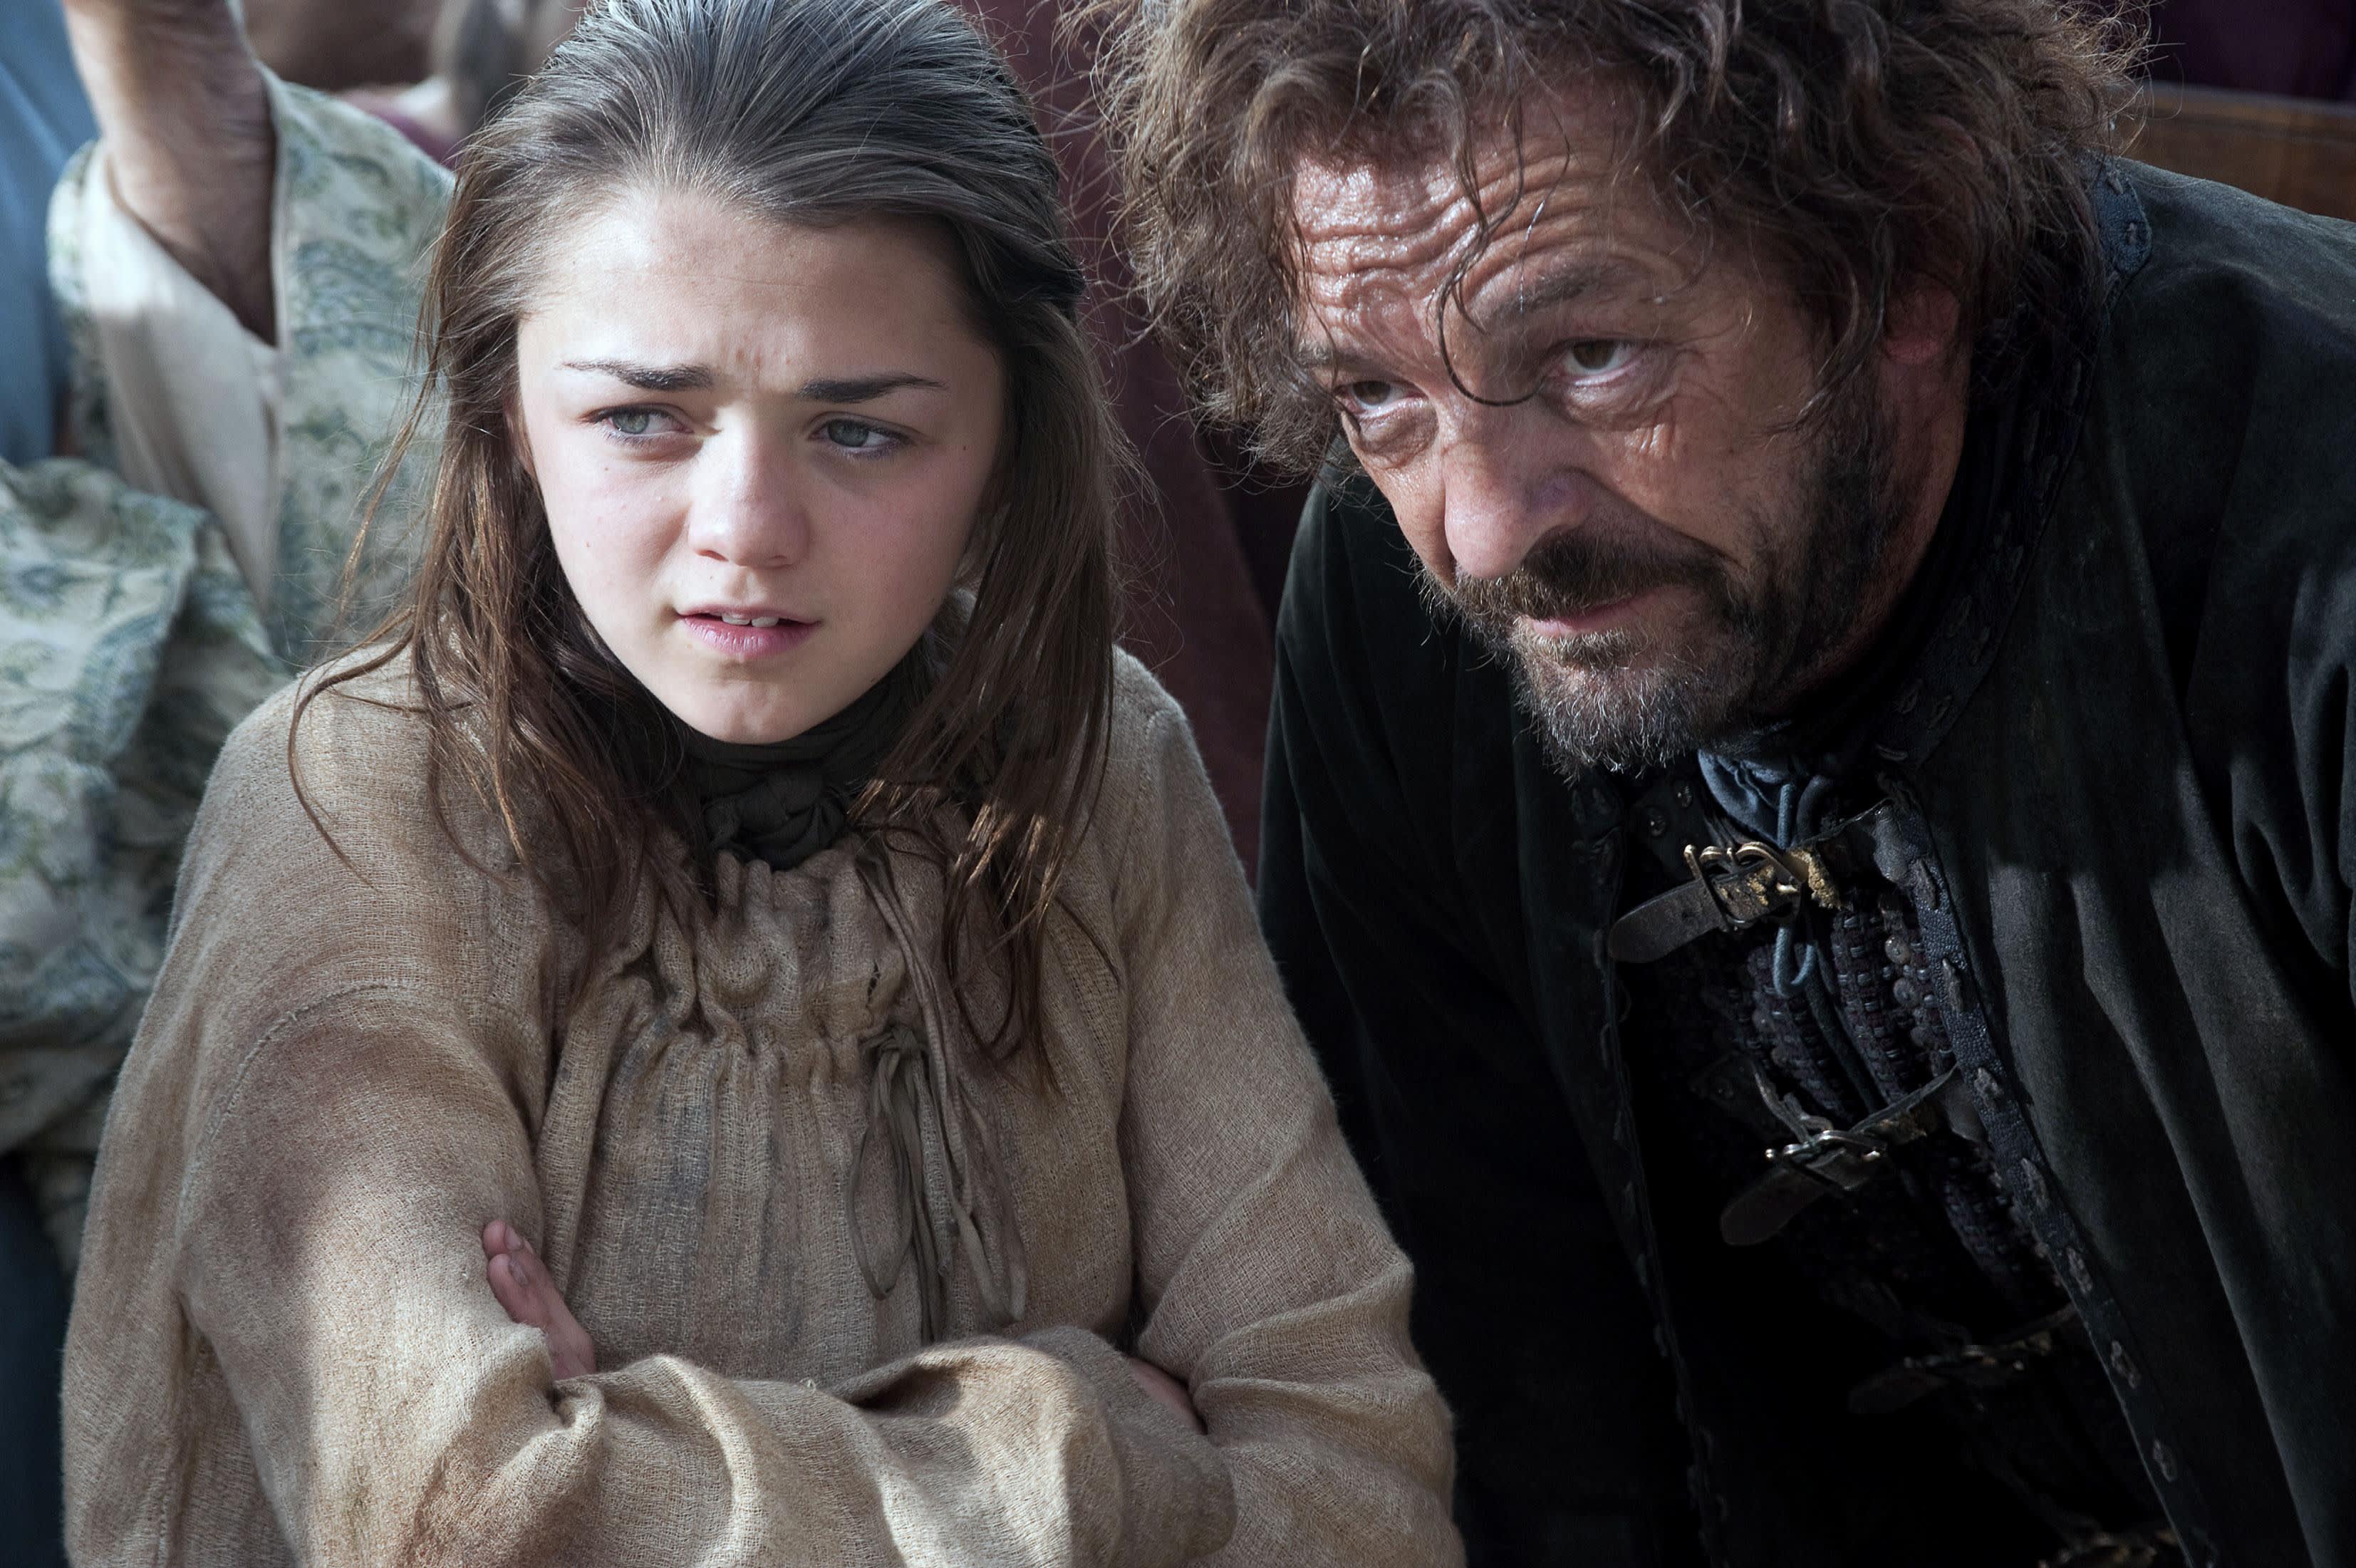 Yoren Game Of Thrones Actor